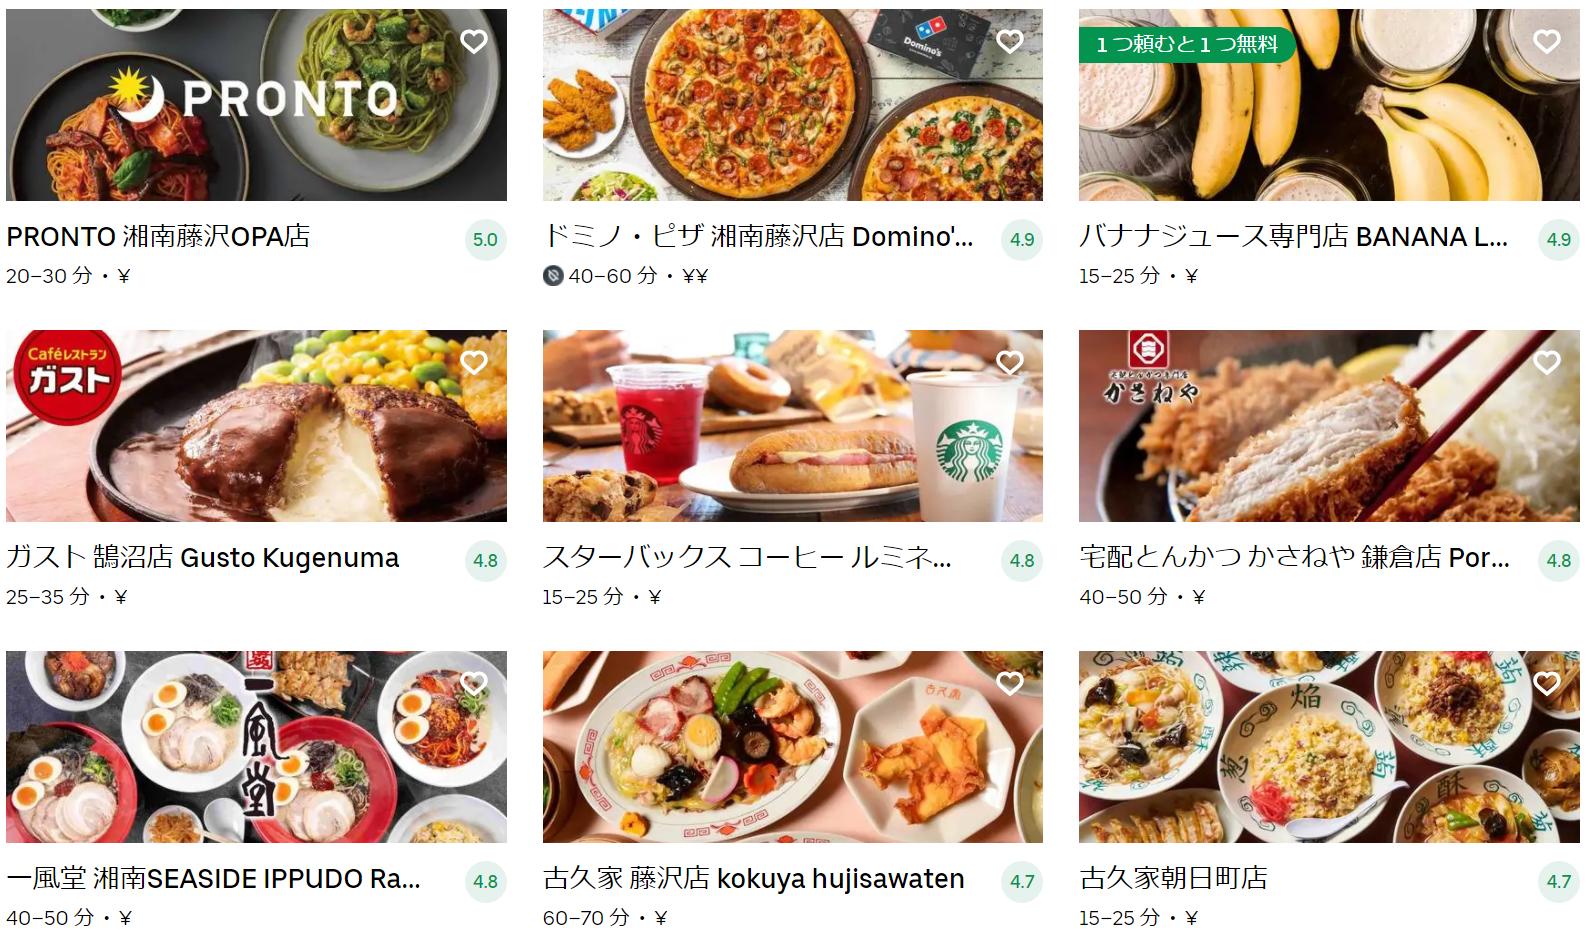 藤沢市エリアのおすすめUber Eats(ウーバーイーツ)メニュー